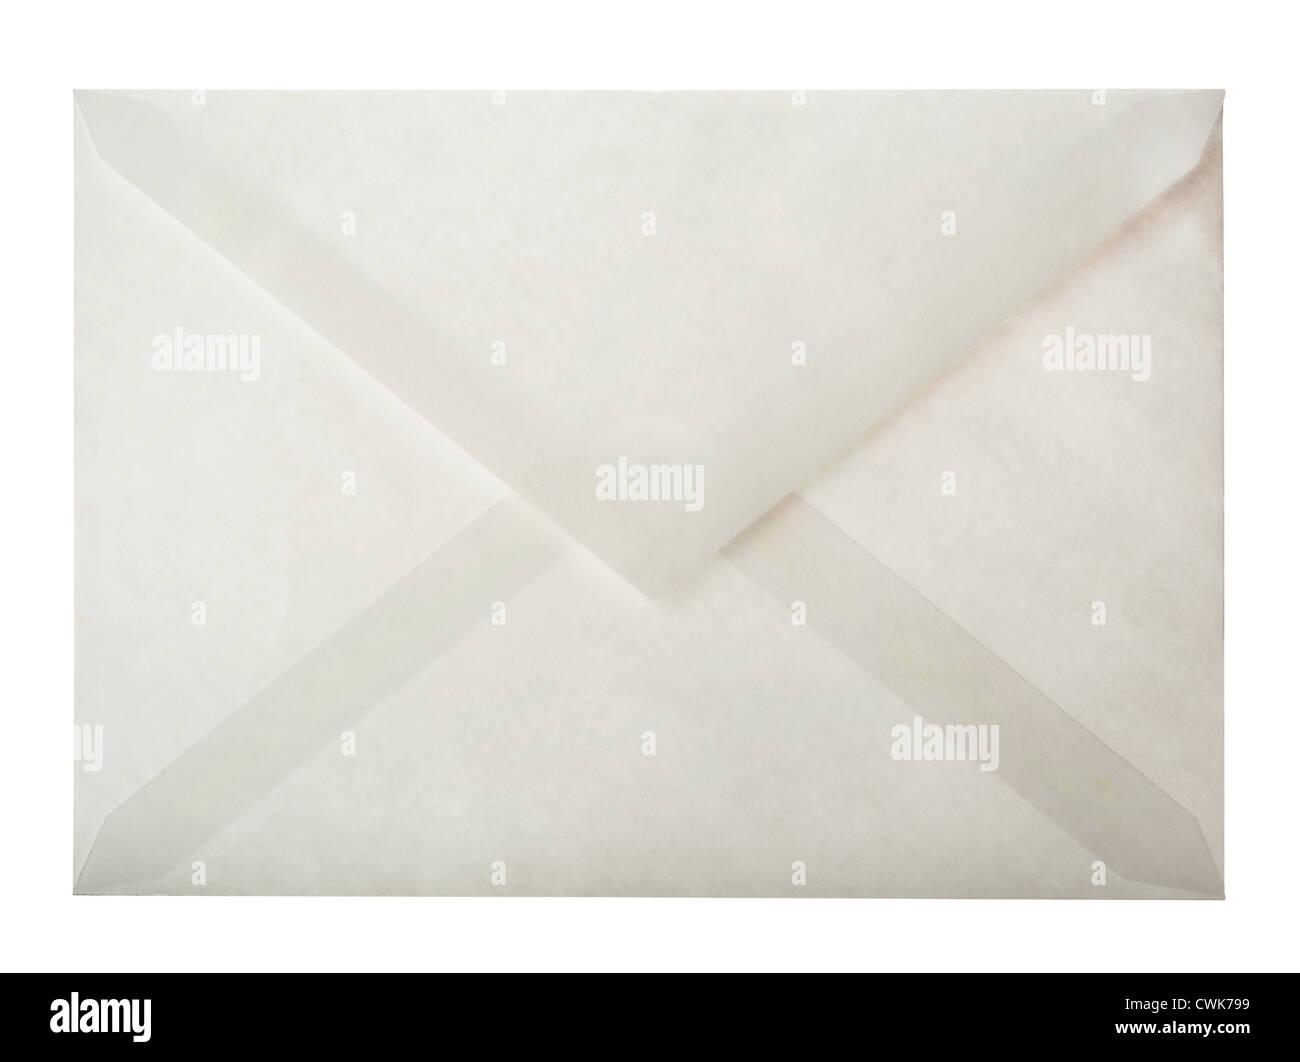 L'arrière de l'enveloppe de papier blanc isolated on white Photo Stock